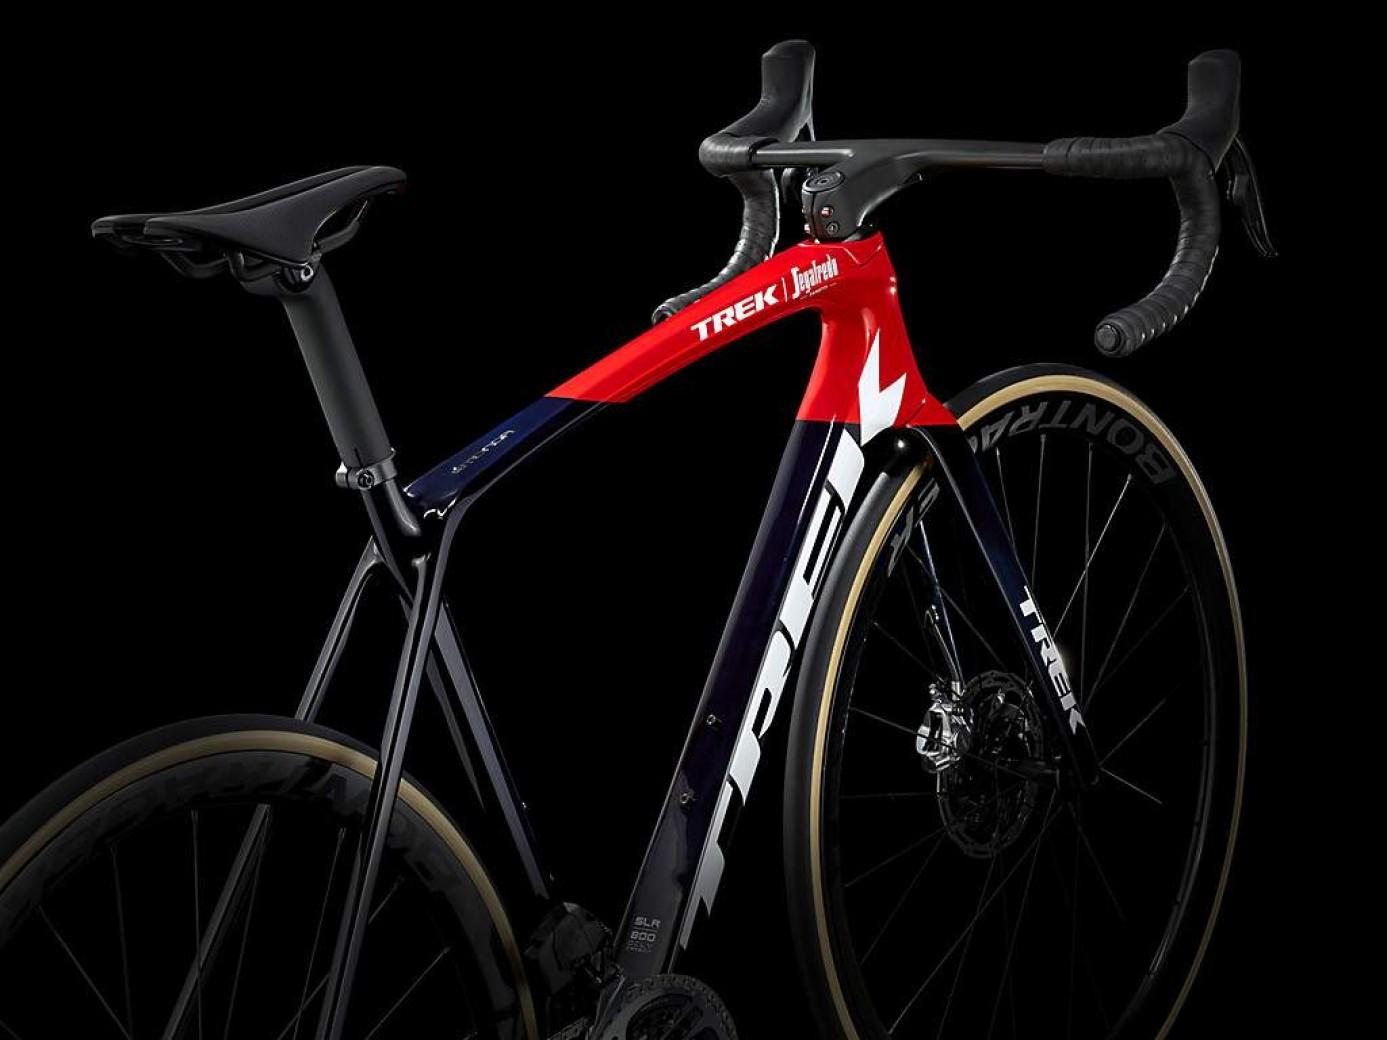 roban-60000-euros-bicis-camion/